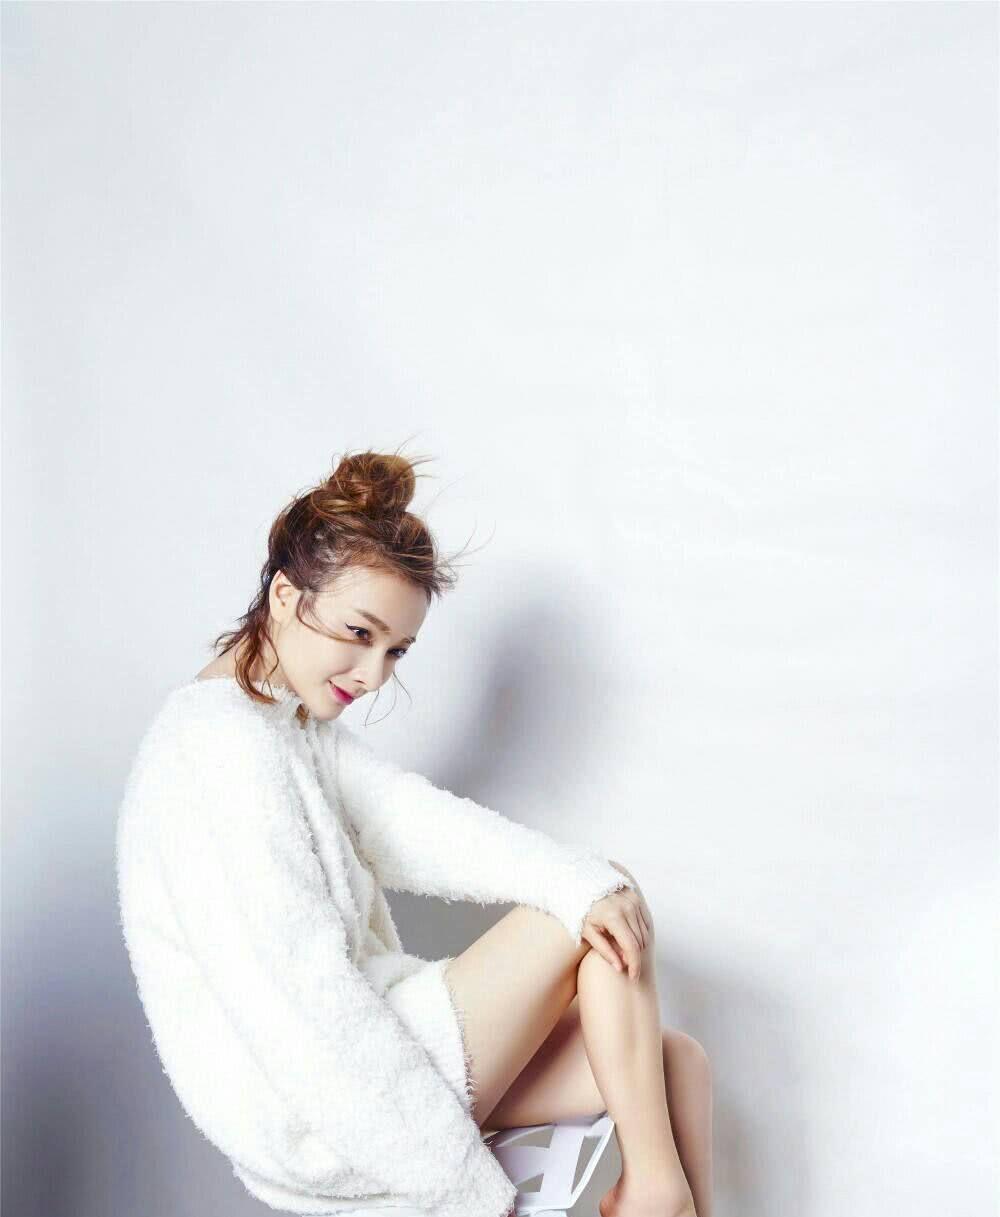 吴昕36岁还穿卡通睡衣,价格让人倒吸凉气,有钱人的生活不懂!